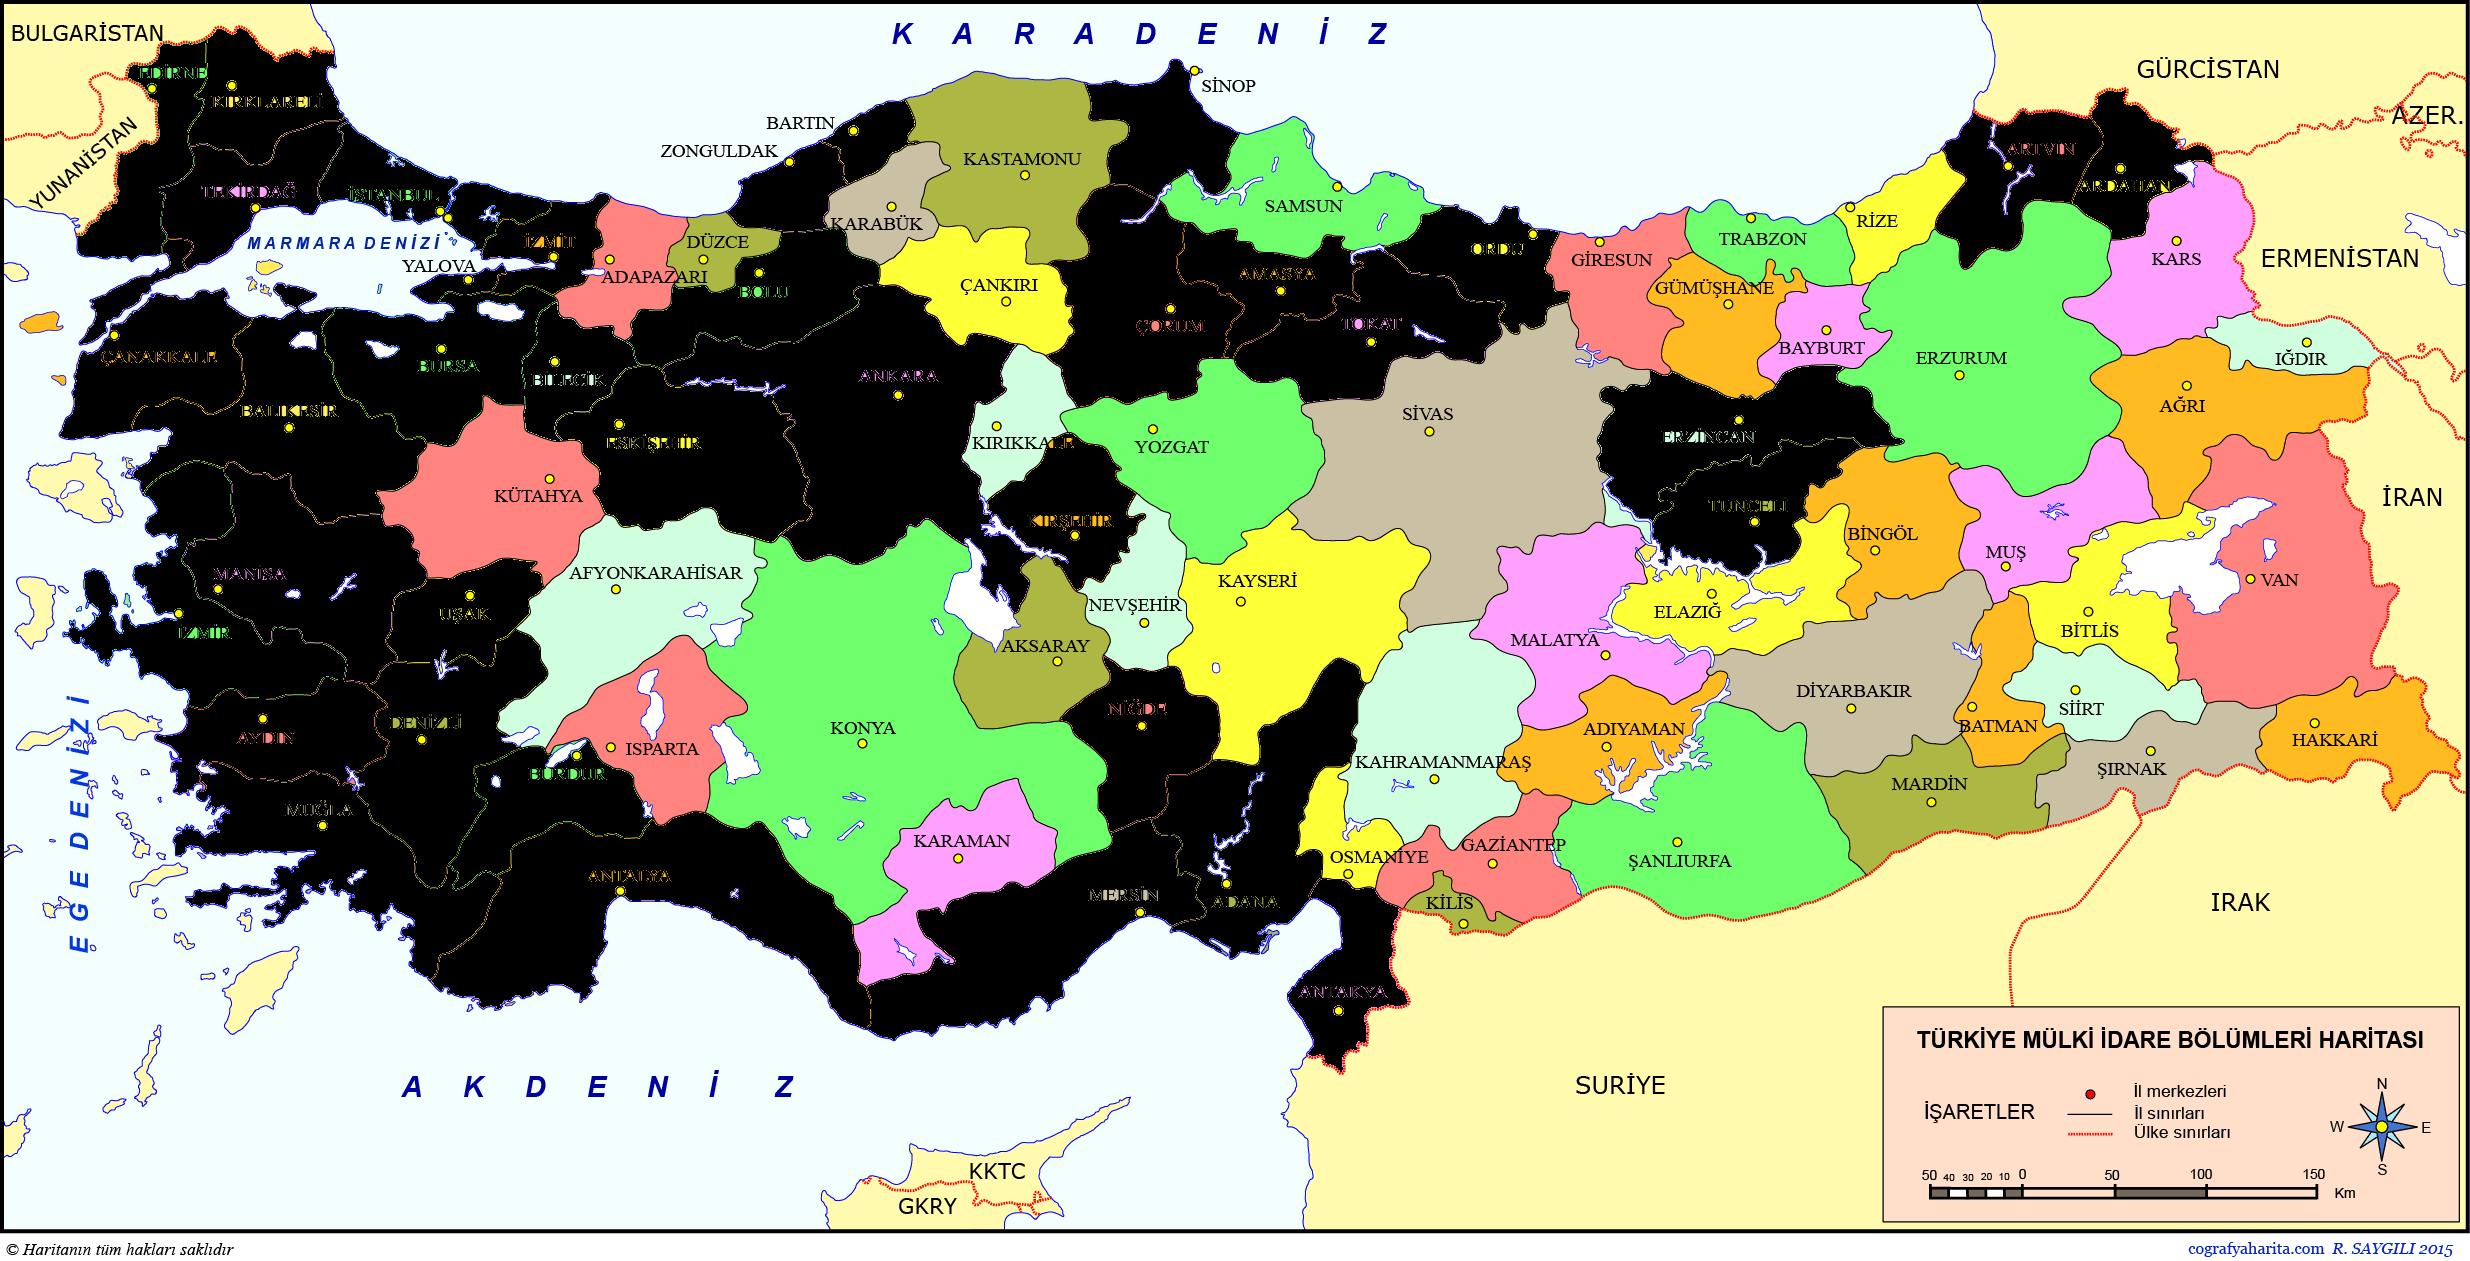 turkiye-iller-3 (2)